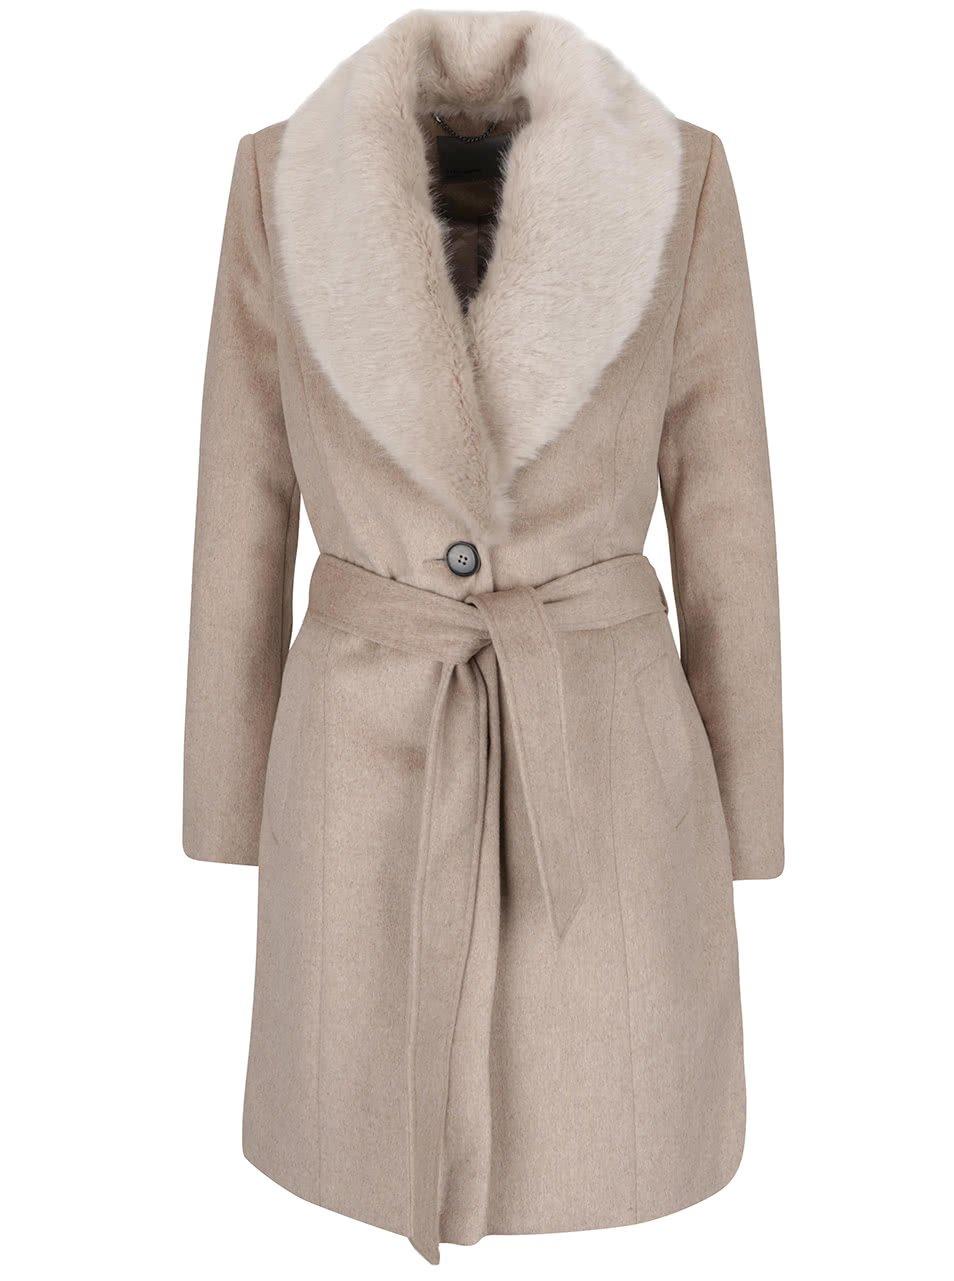 Béžový kabát s umělým kožíškem a zavazováním v pase Vero Moda Safire